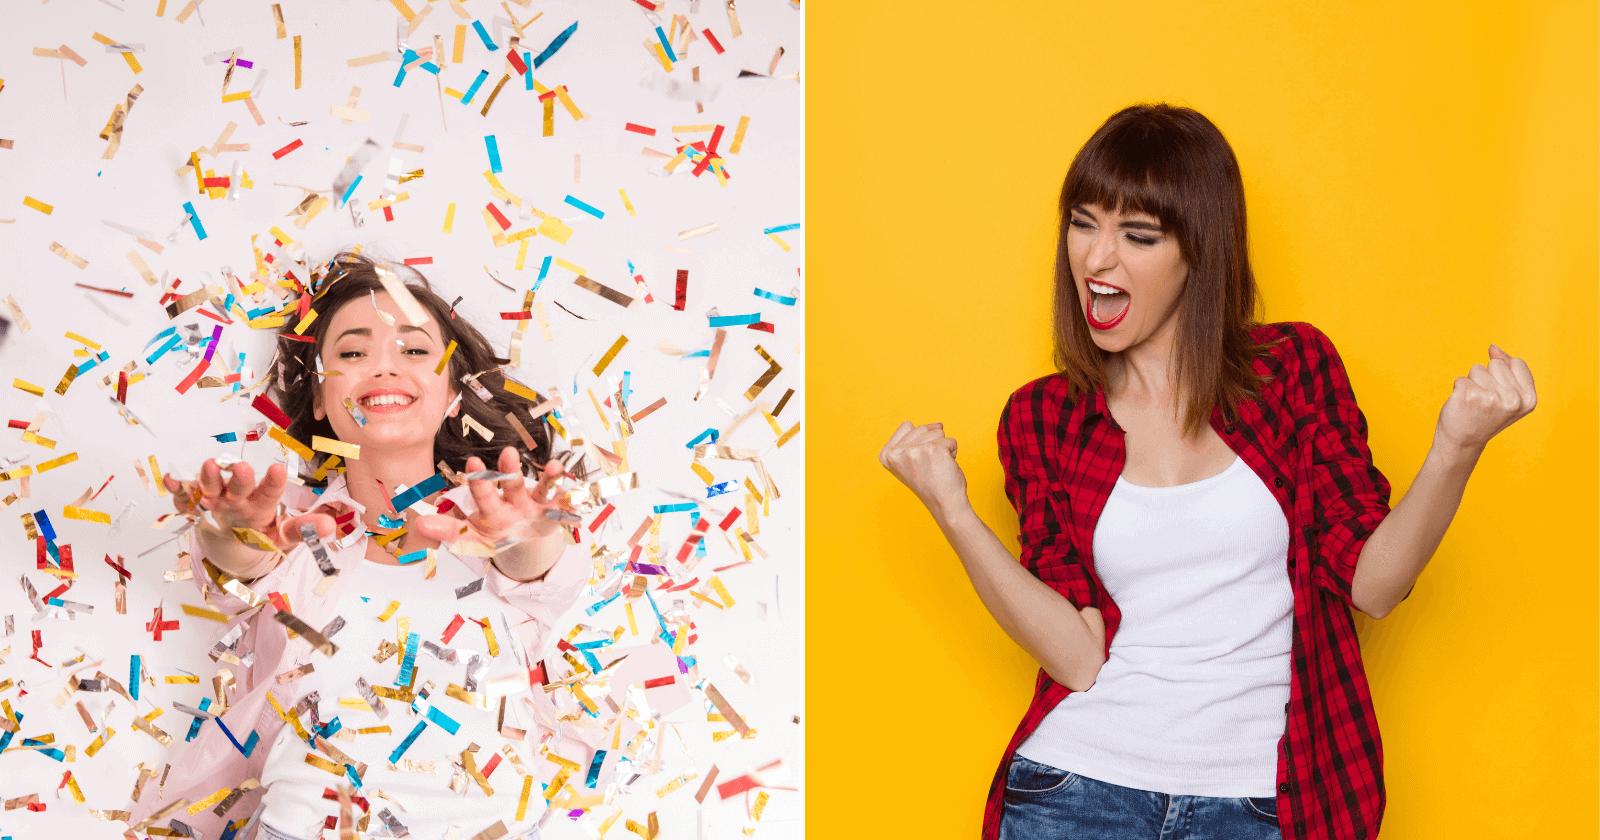 57 Frases de quem está DE BEM com a vida: esteja mais animado!